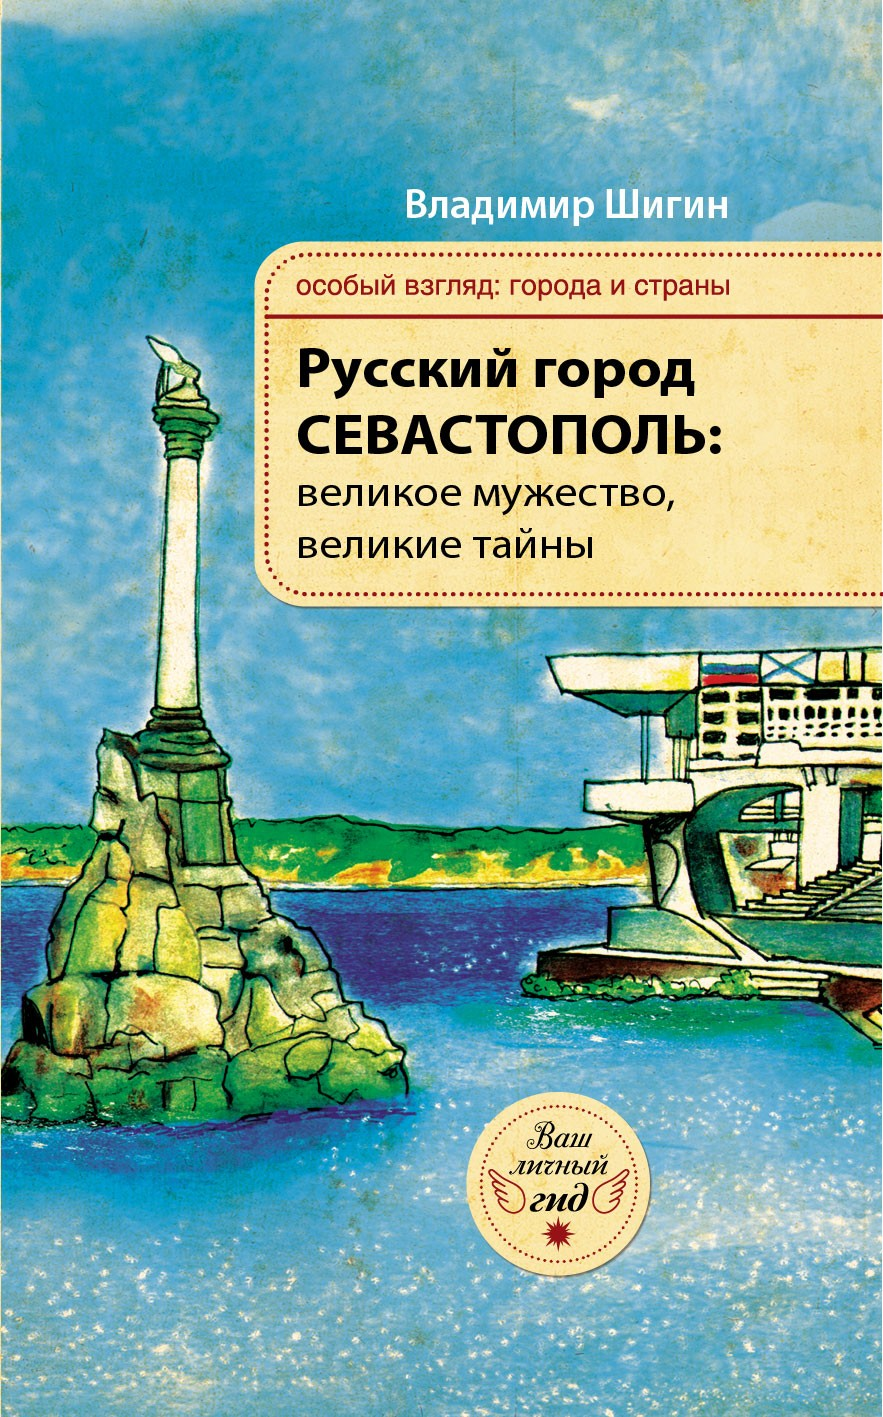 Владимир Шигин Русский город Севастополь: великое мужество, великие тайны